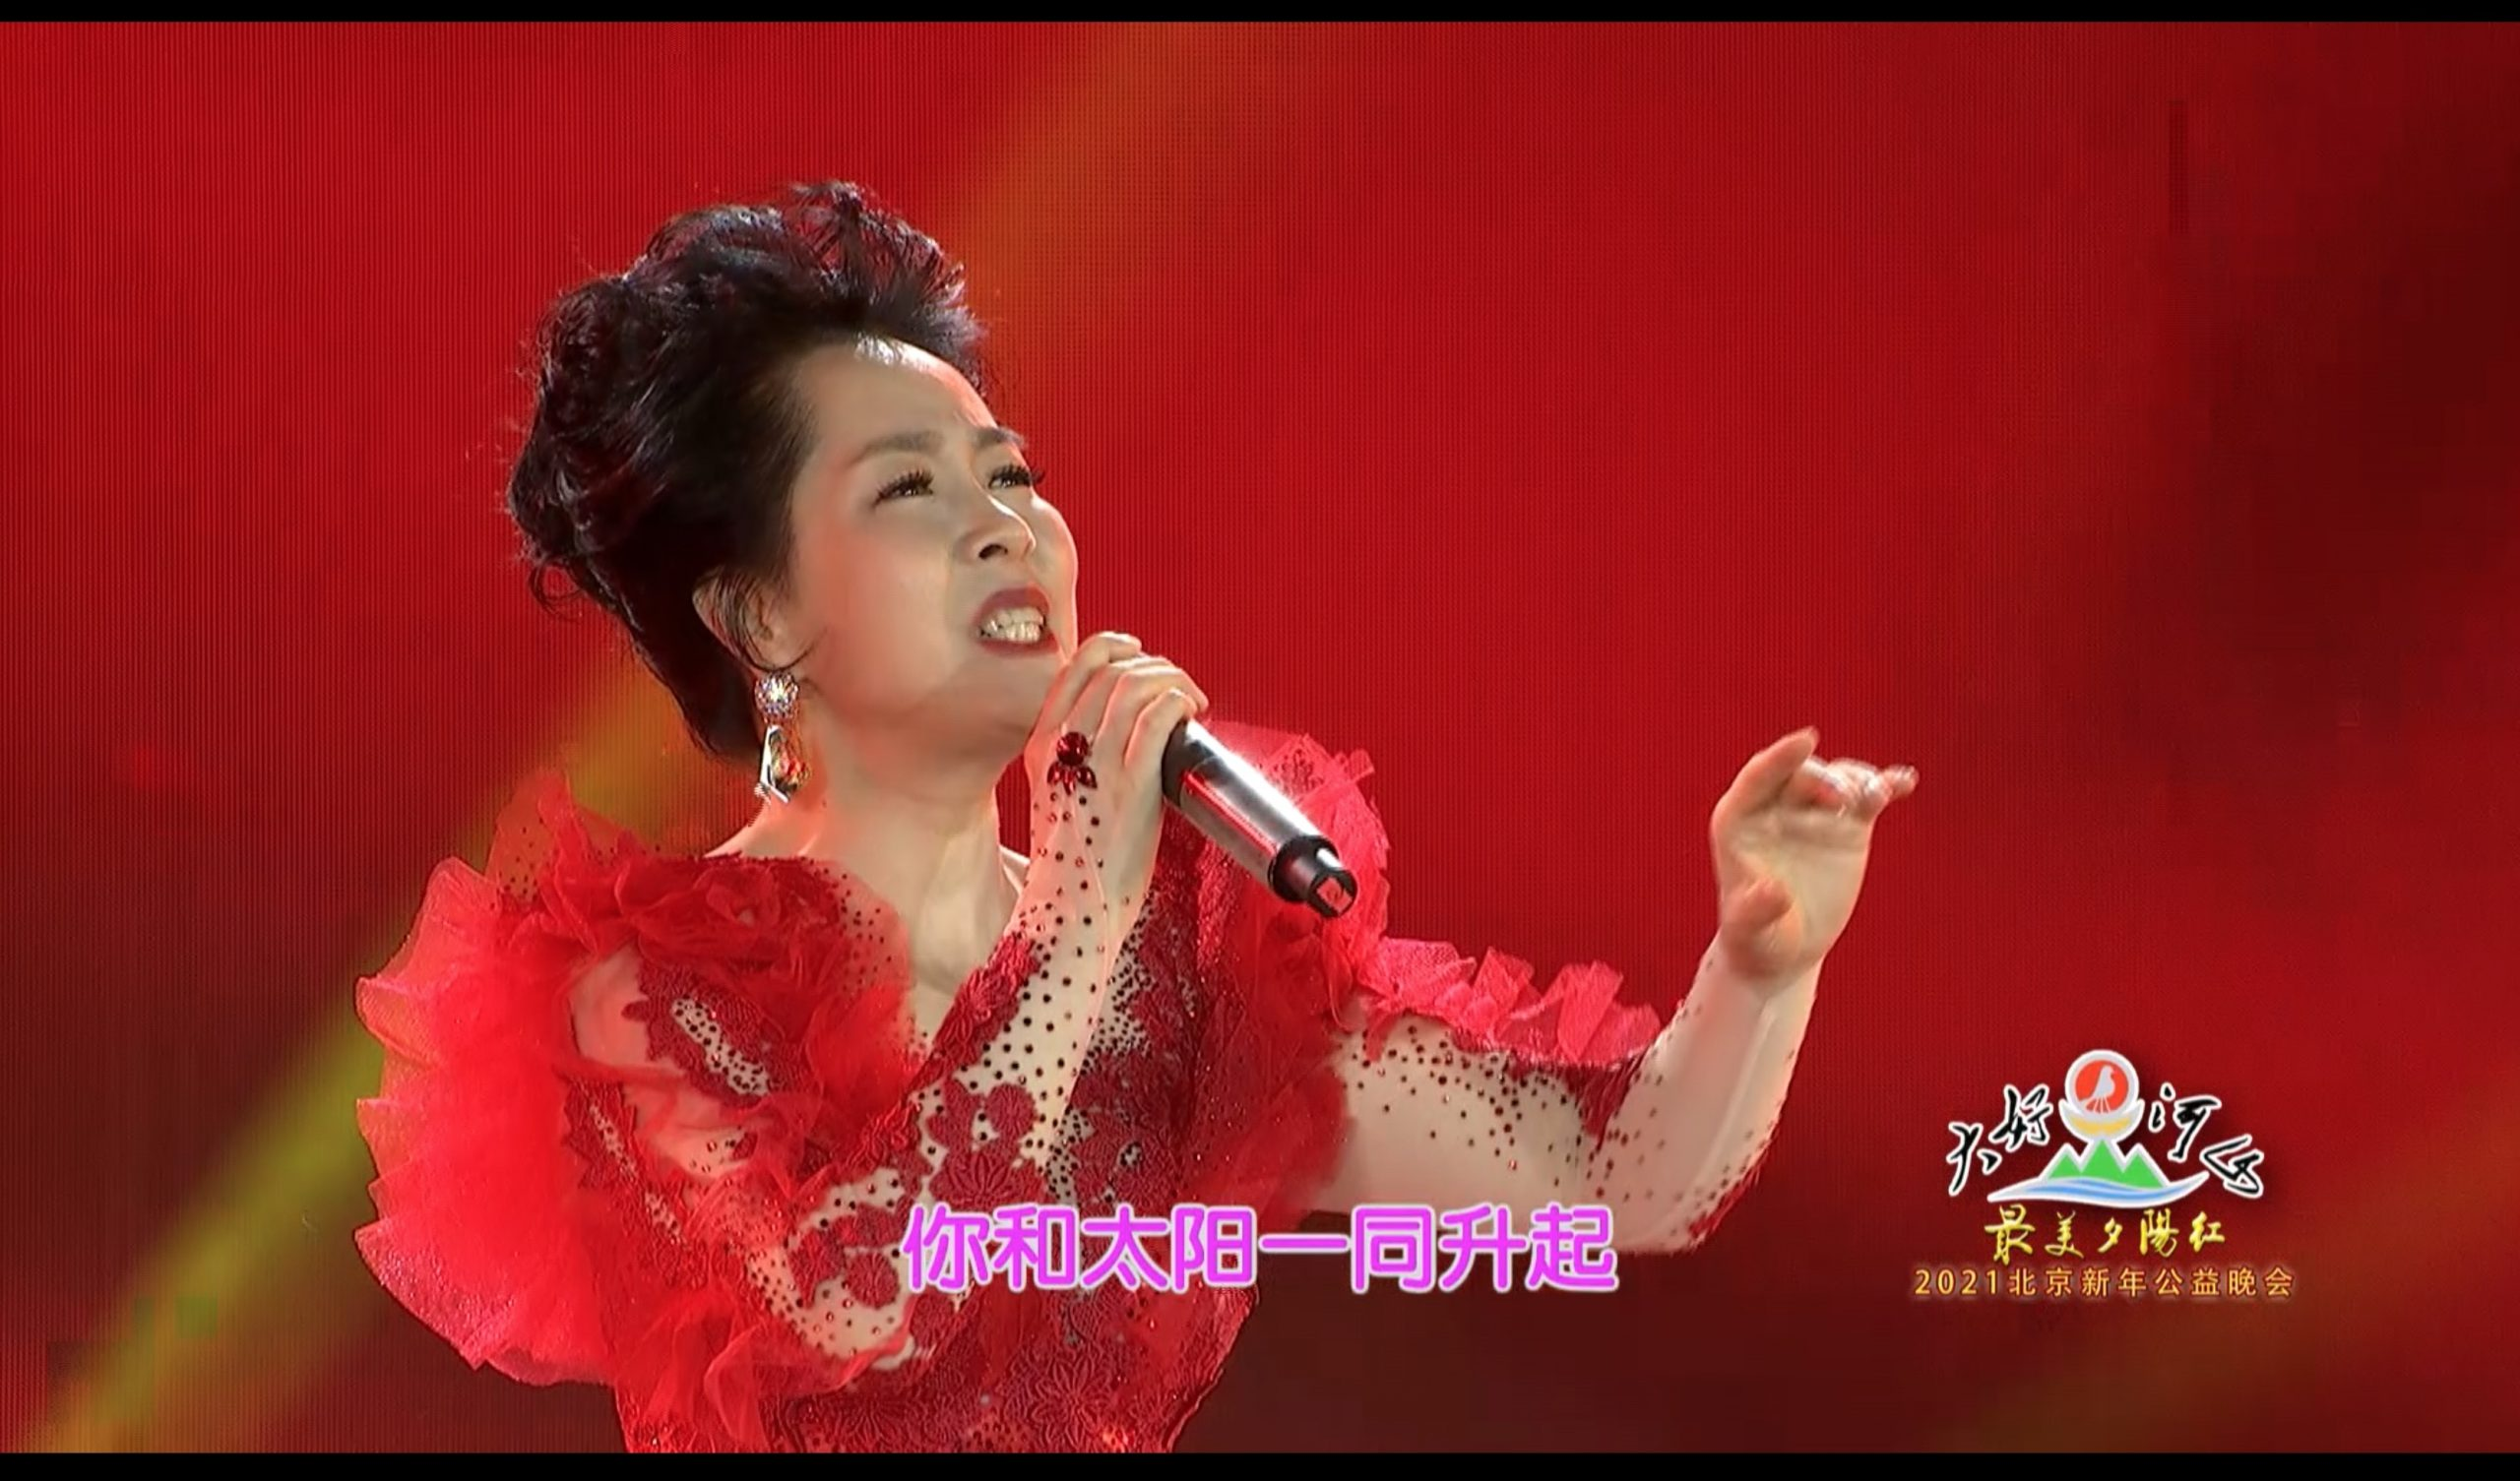 2021北京新年公益晚会 歌曲《五星红旗》杨淑红